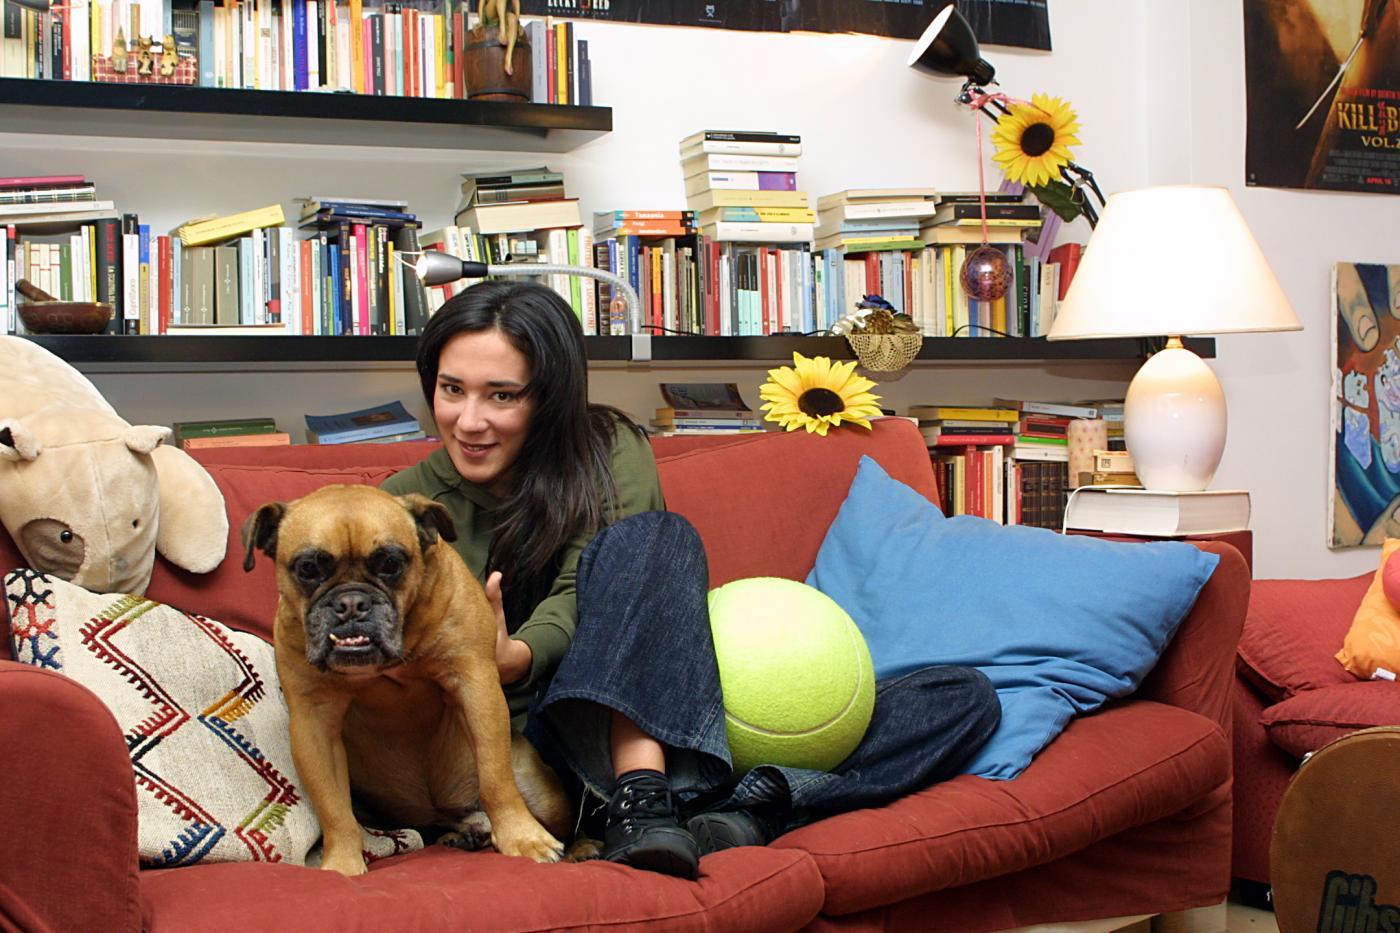 Qualcosa, il libro di Chiara Gamberale: un saggio esistenziale sotto forma di fiaba per adulti